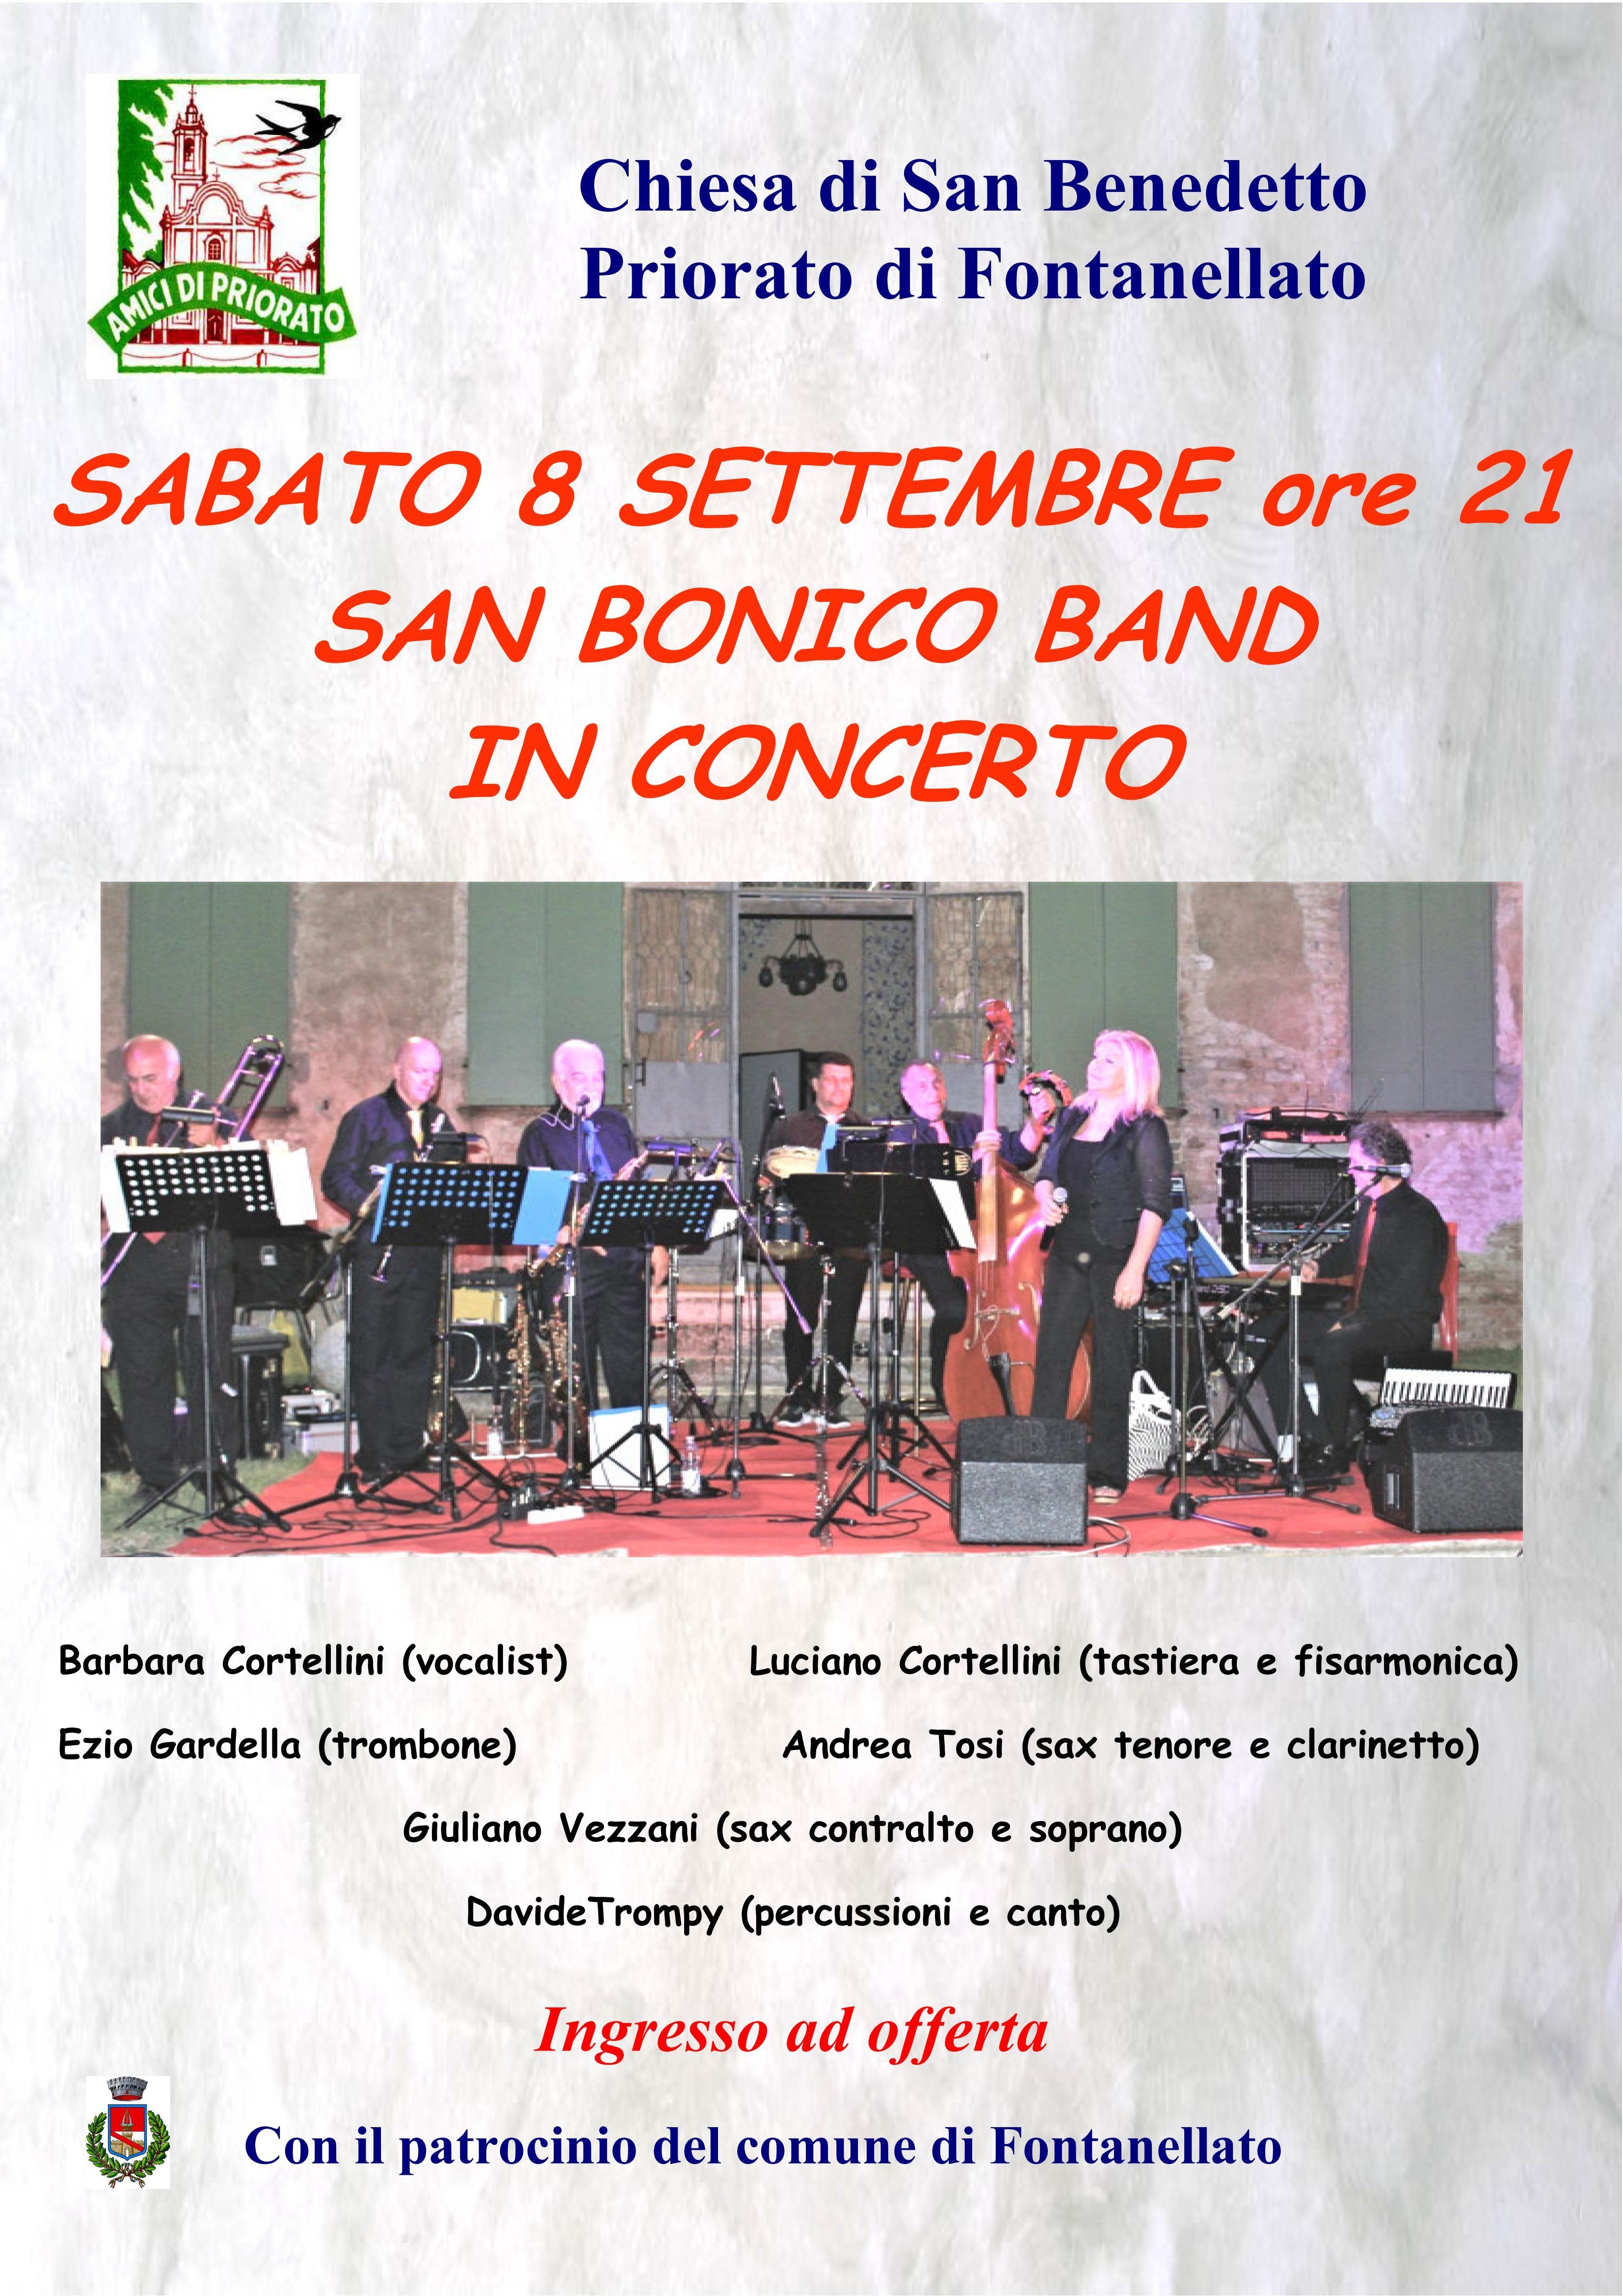 Concerto della San Bonico Band  a Priorato